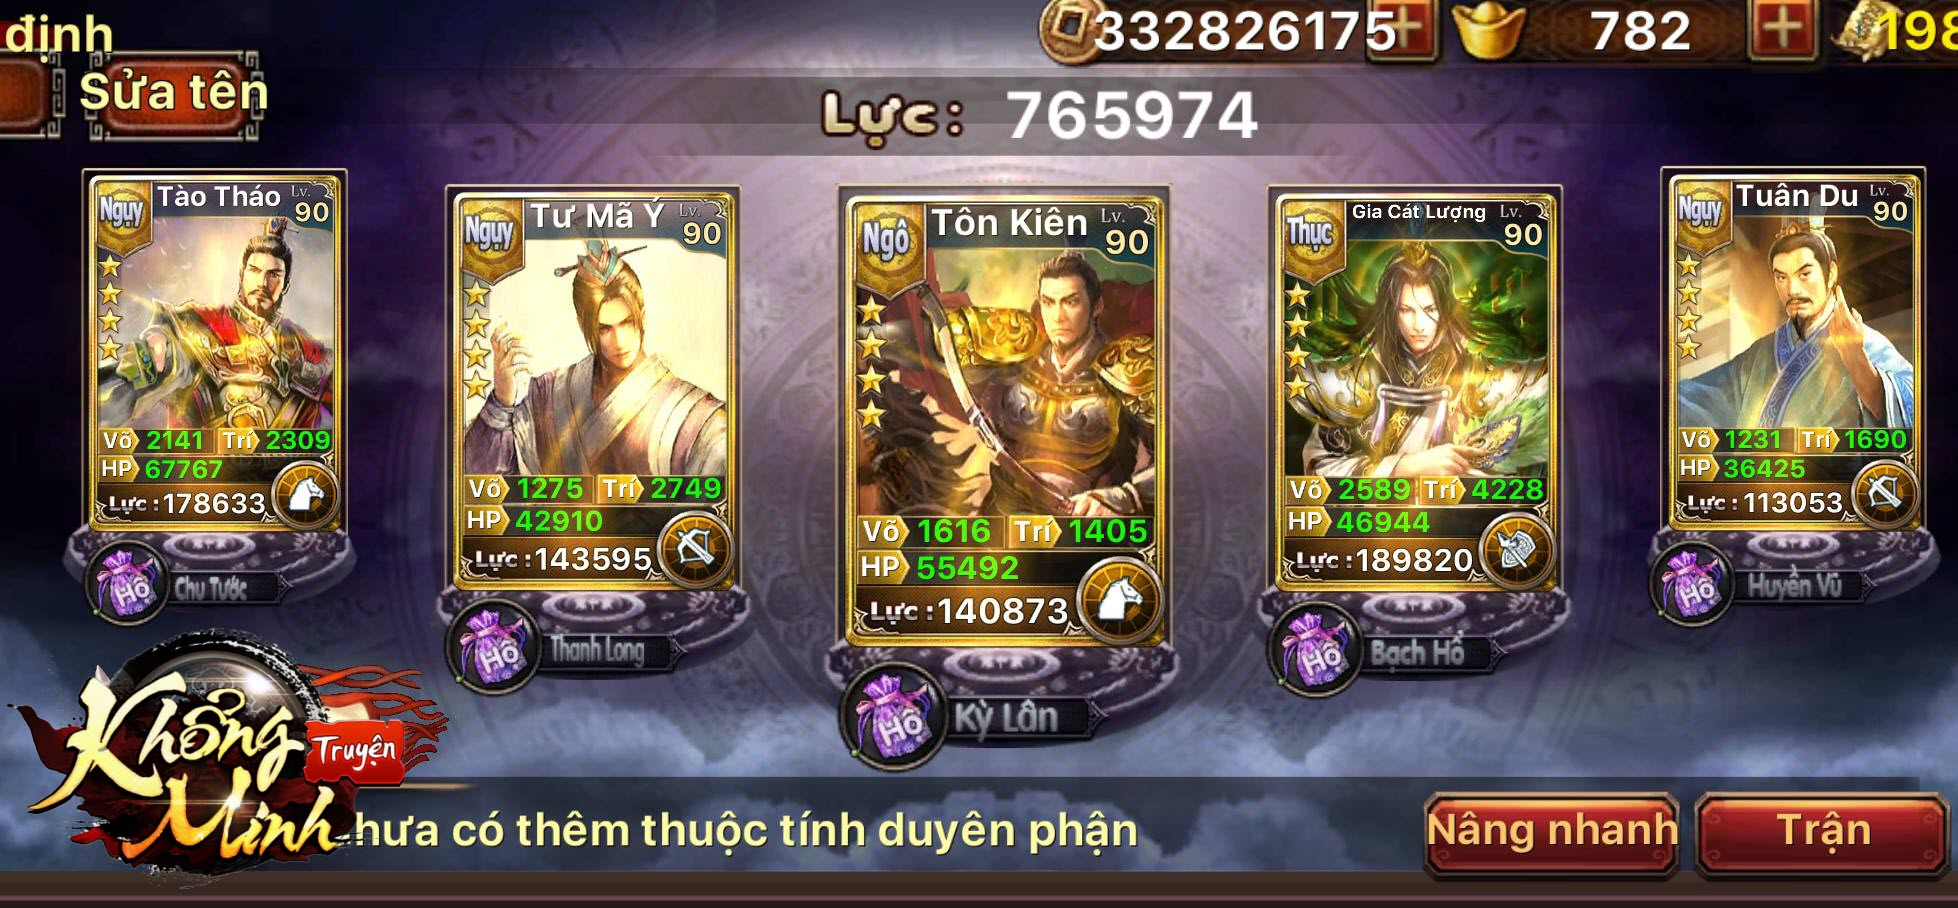 Gặp gỡ Minh Di, gamer Top 1 Rank Vương Giả nổi tiếng trong Khổng Minh Truyện 3